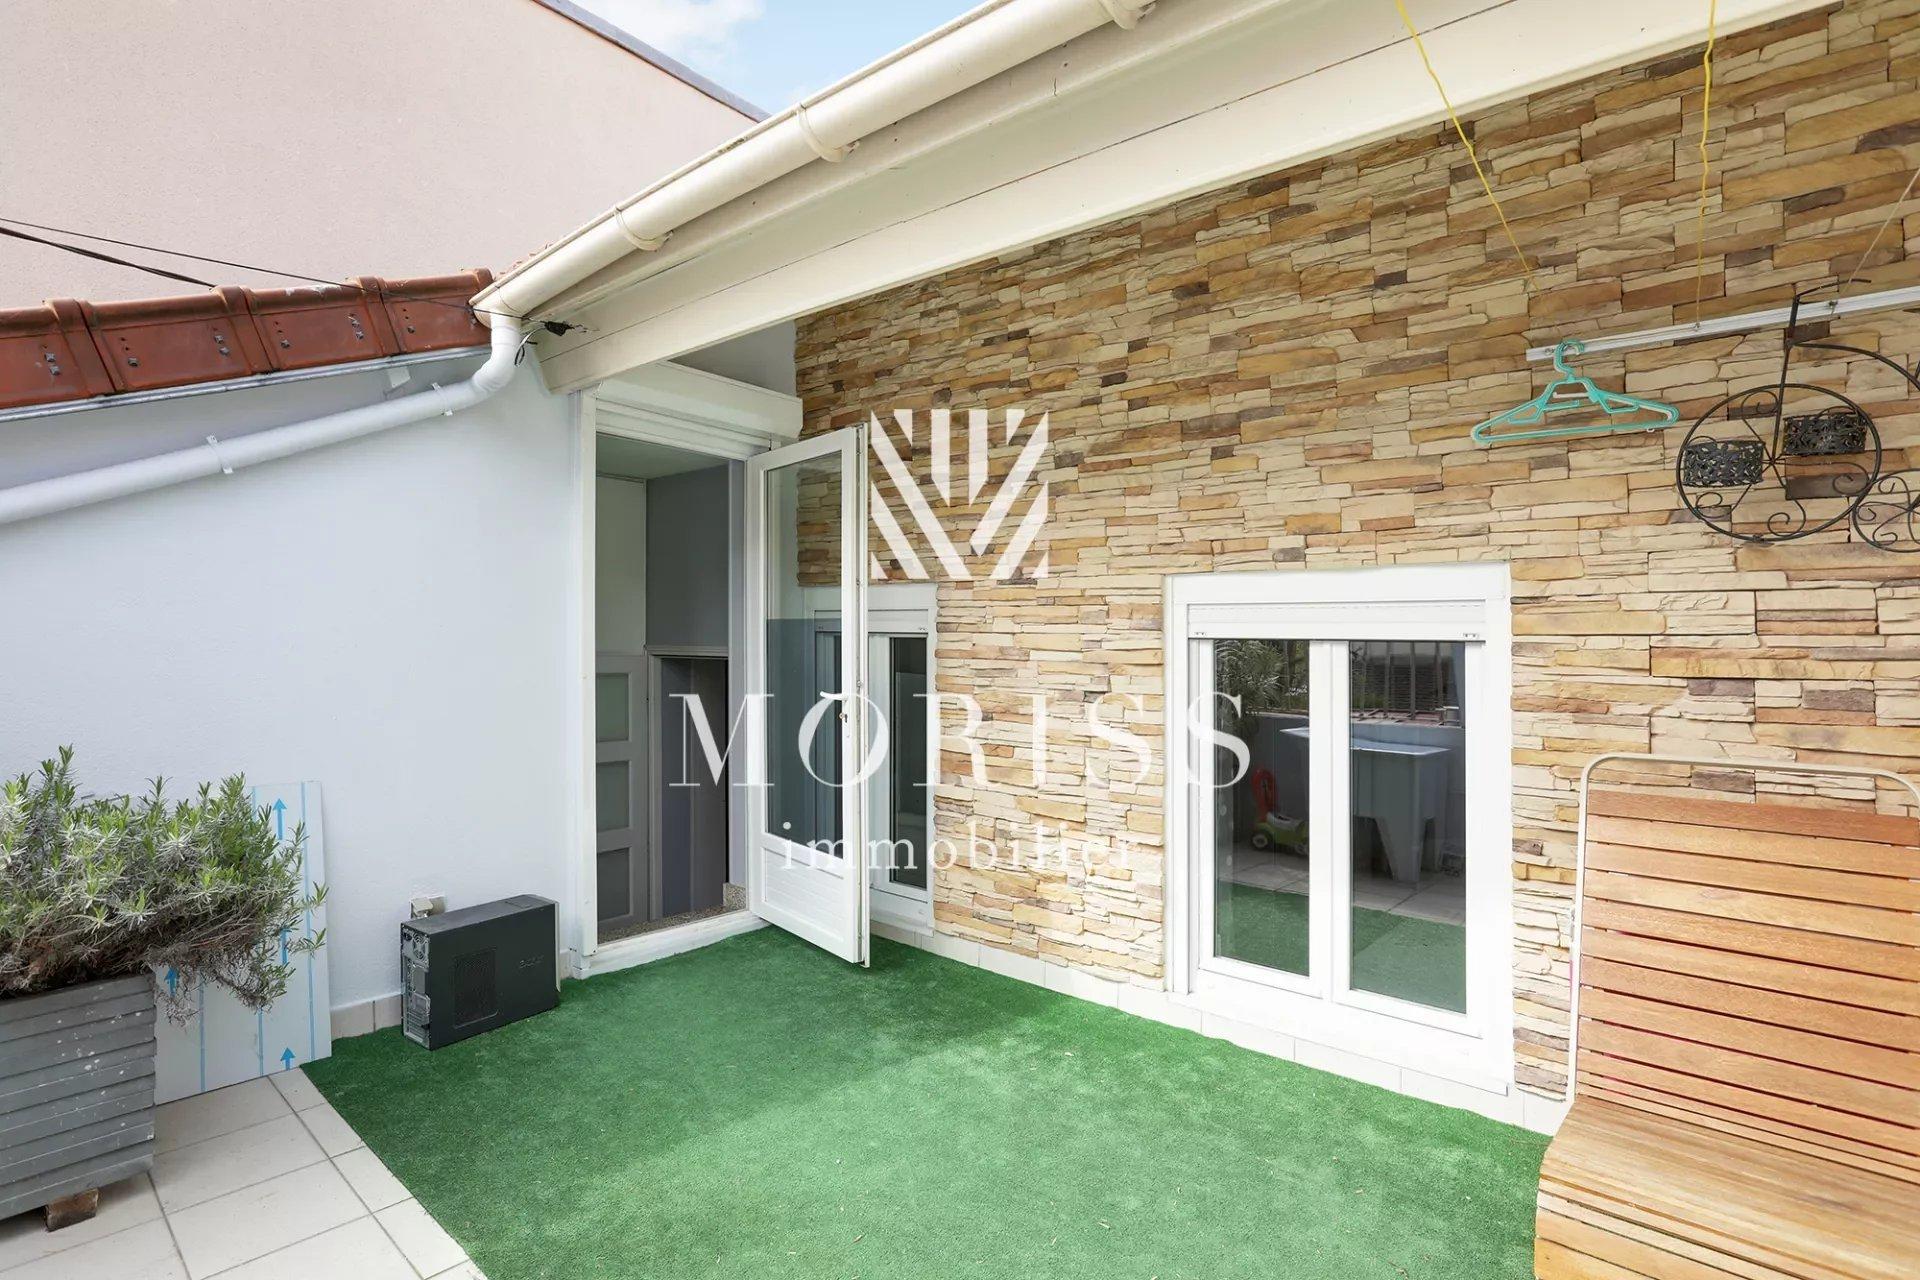 Maison a vendre colombes - 4 pièce(s) - 95 m2 - Surfyn